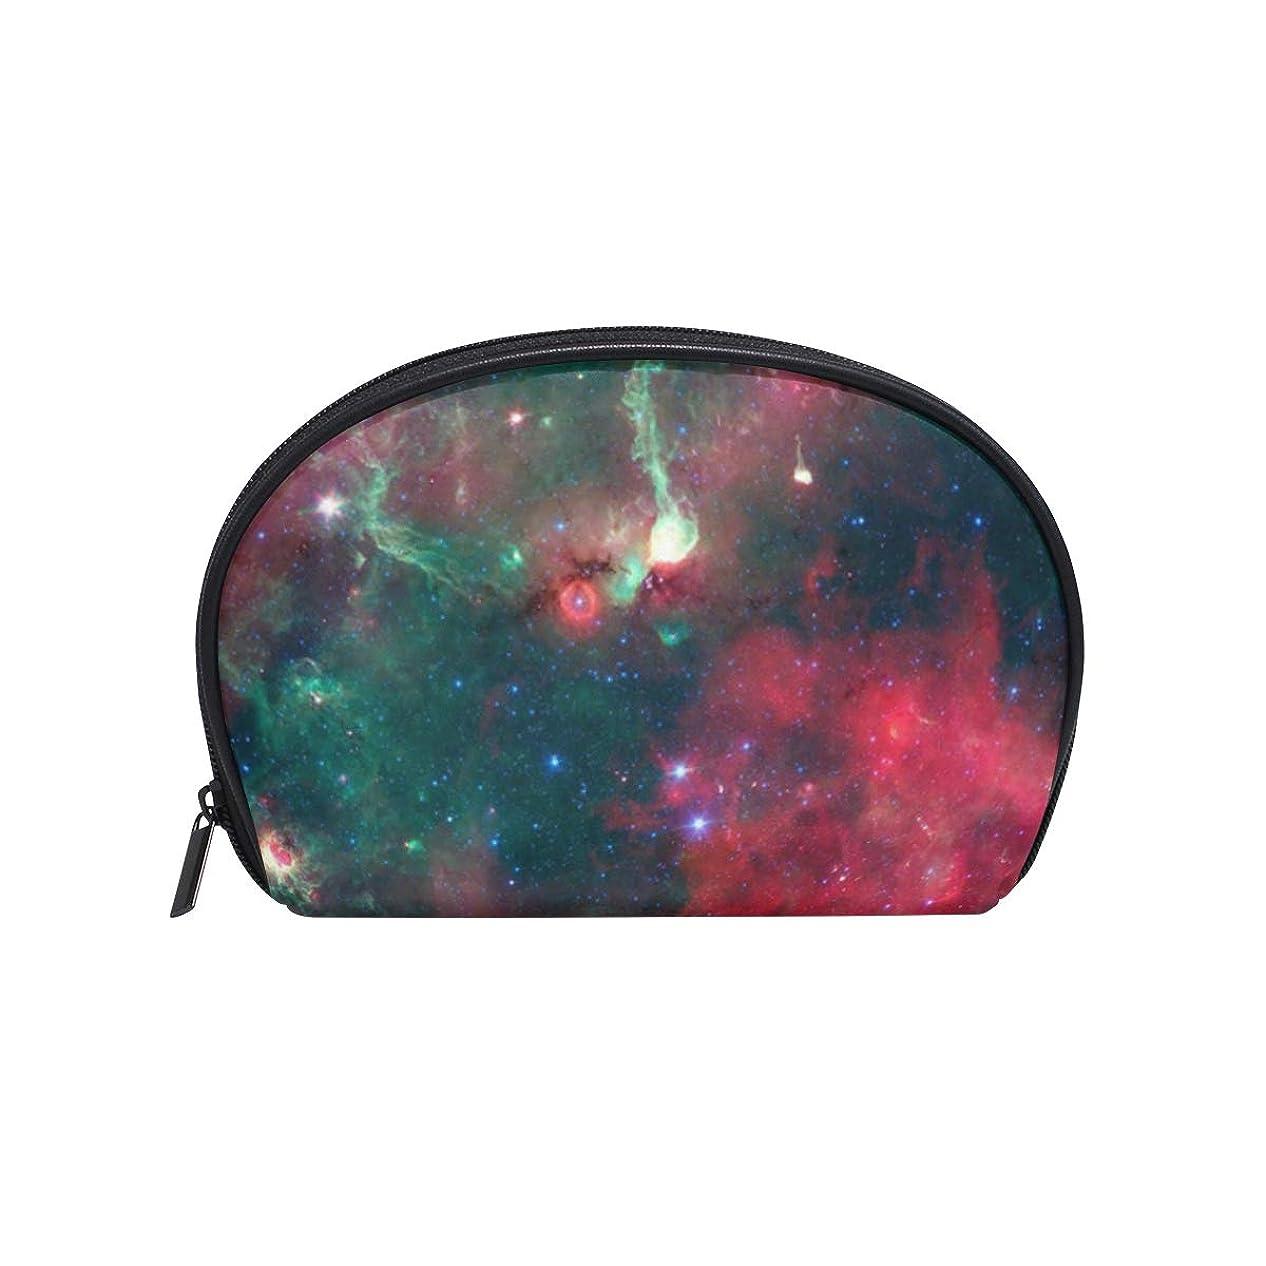 歴史的有罪勧めるスペース 星雲 宇宙 半月 化粧品 メイク トイレタリーバッグ ポーチ 旅行ハンディ財布オーガナイザーバッグ